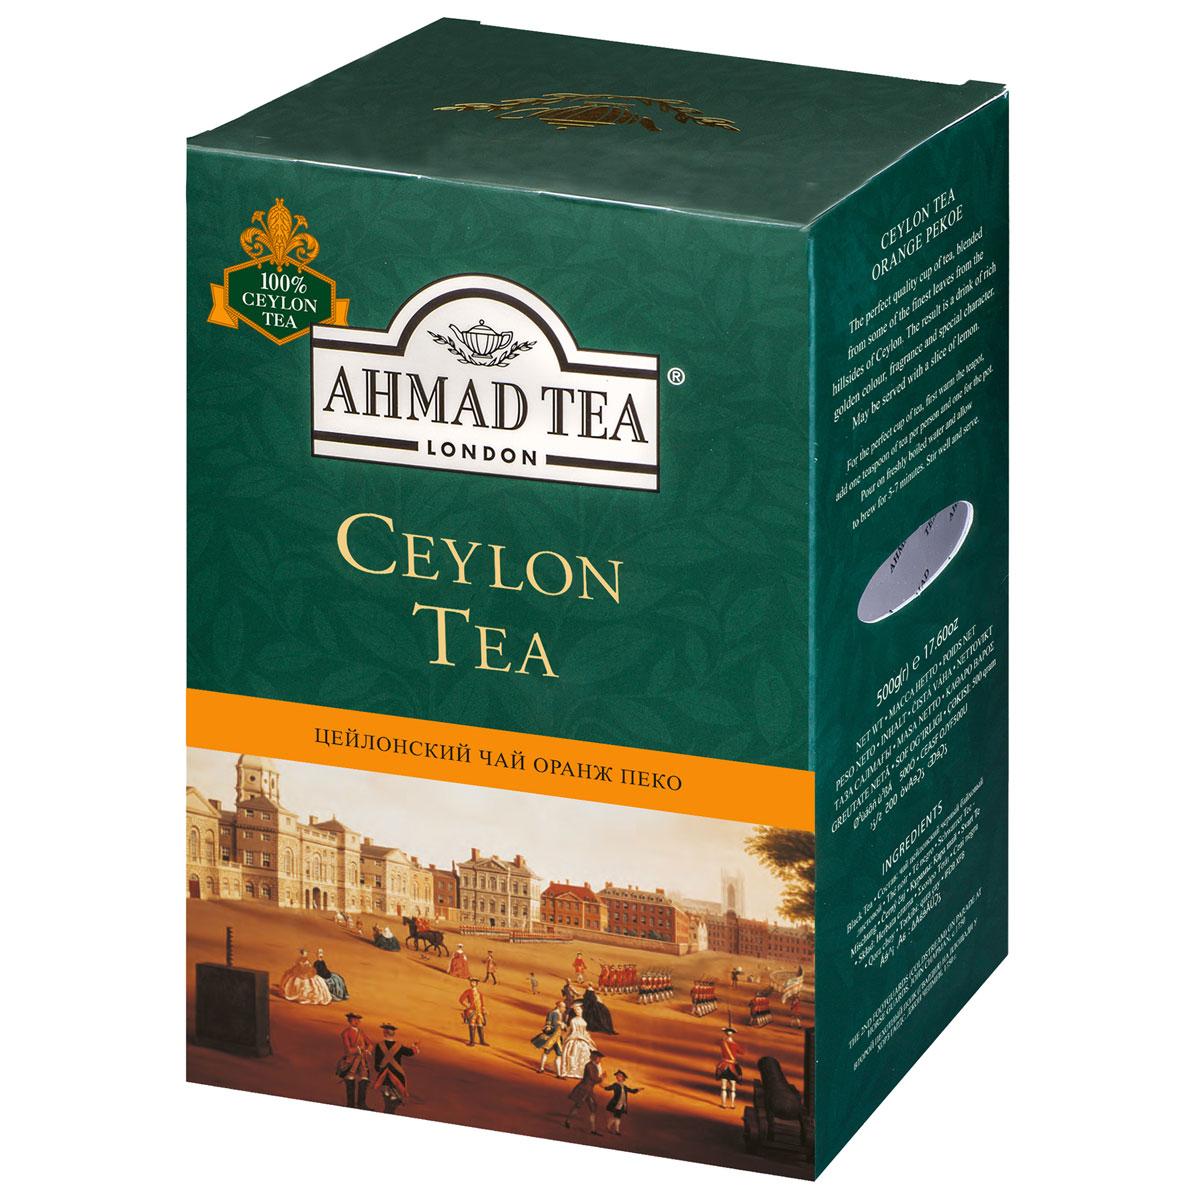 Ahmad Tea Ceylon Tea Orange Pekoe черный чай, 500 г579Ahmad Tea Ceylon Tea Orange Pekoe - черный байховый листовой чай, собранный в лучших высокогорных садах Цейлона. Напиток отличает богатство вкуса, аромата и чистый золотой настой.